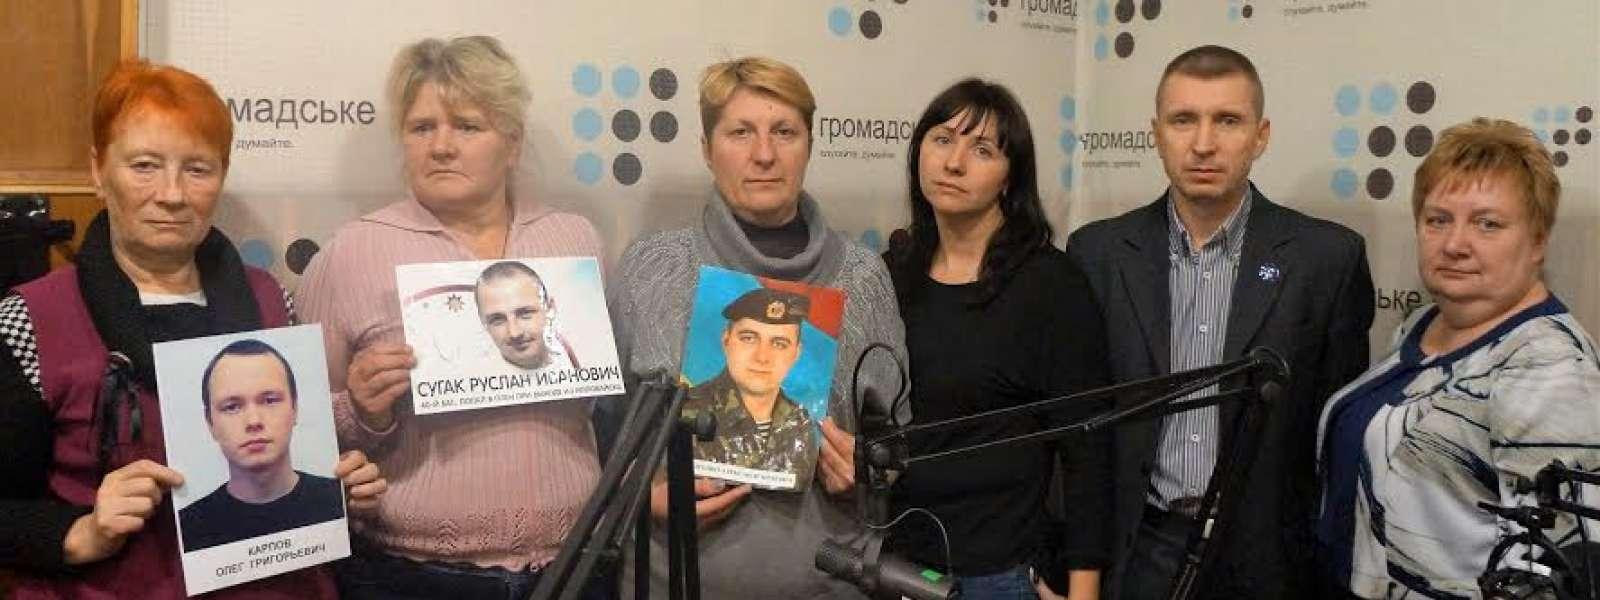 Лазаренко, Карпов, Сугак, Герасименко — чотири історії українських полонених